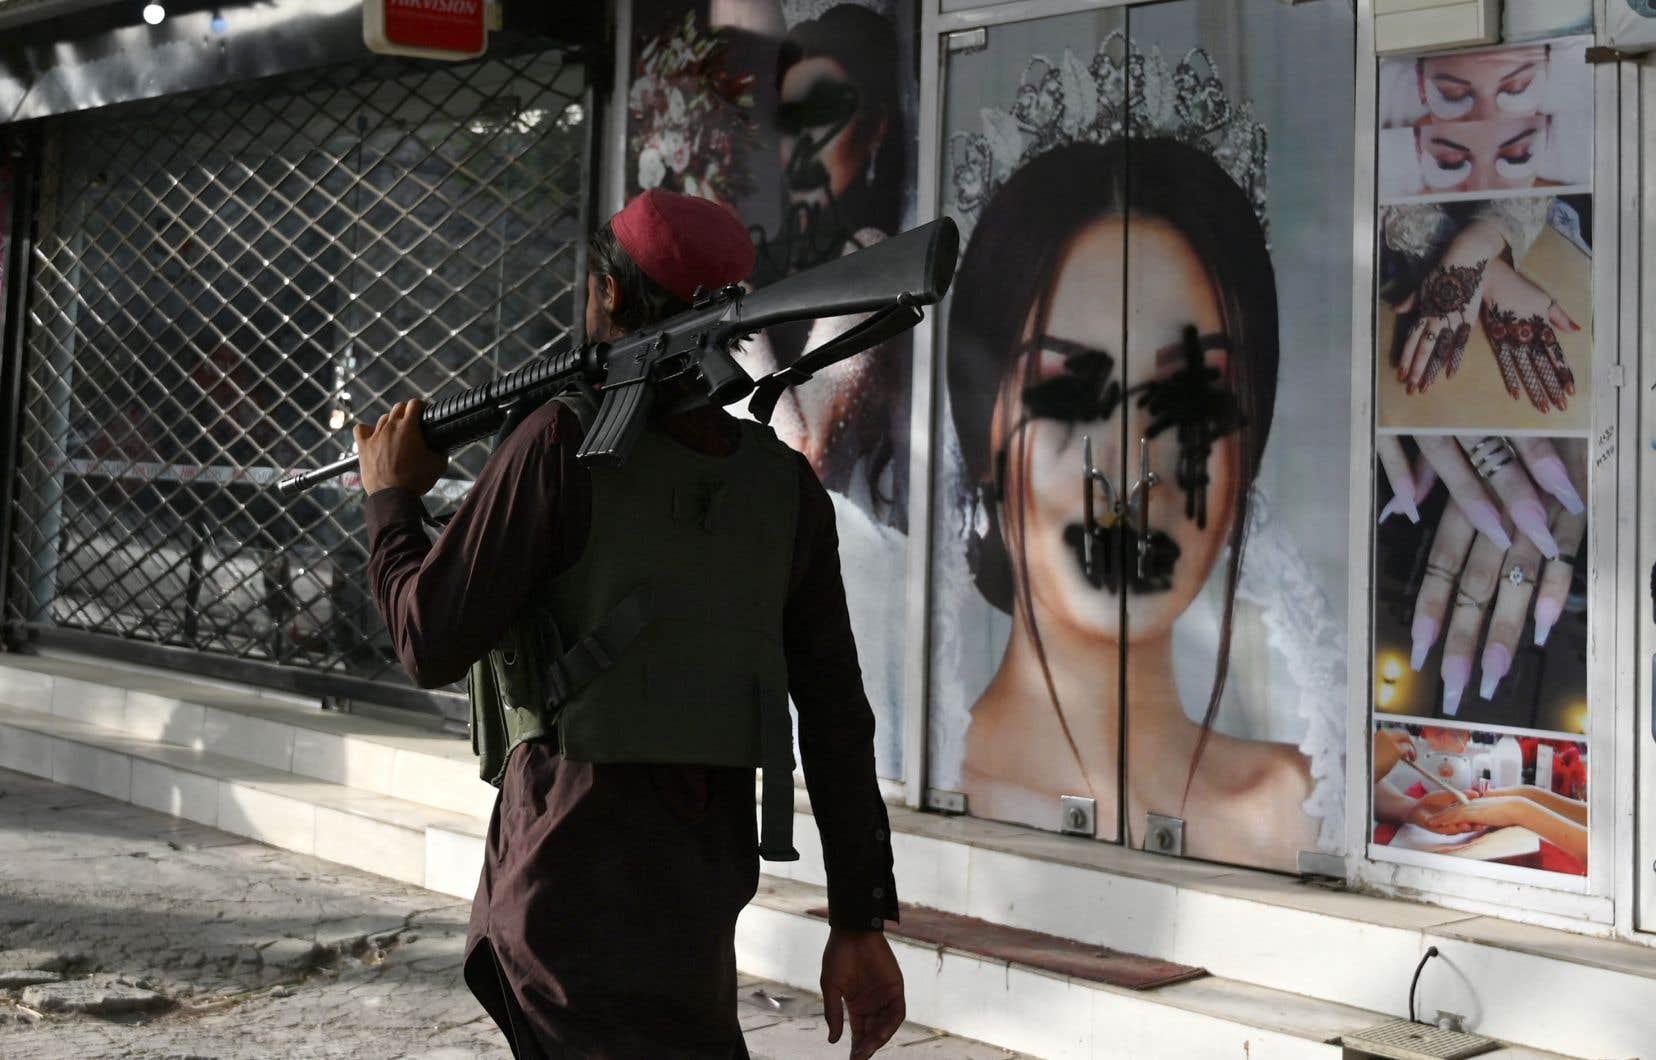 Les devantures de salons de beauté étaient couvertes de peinture noire afin de dissimuler les visages des mannequins.